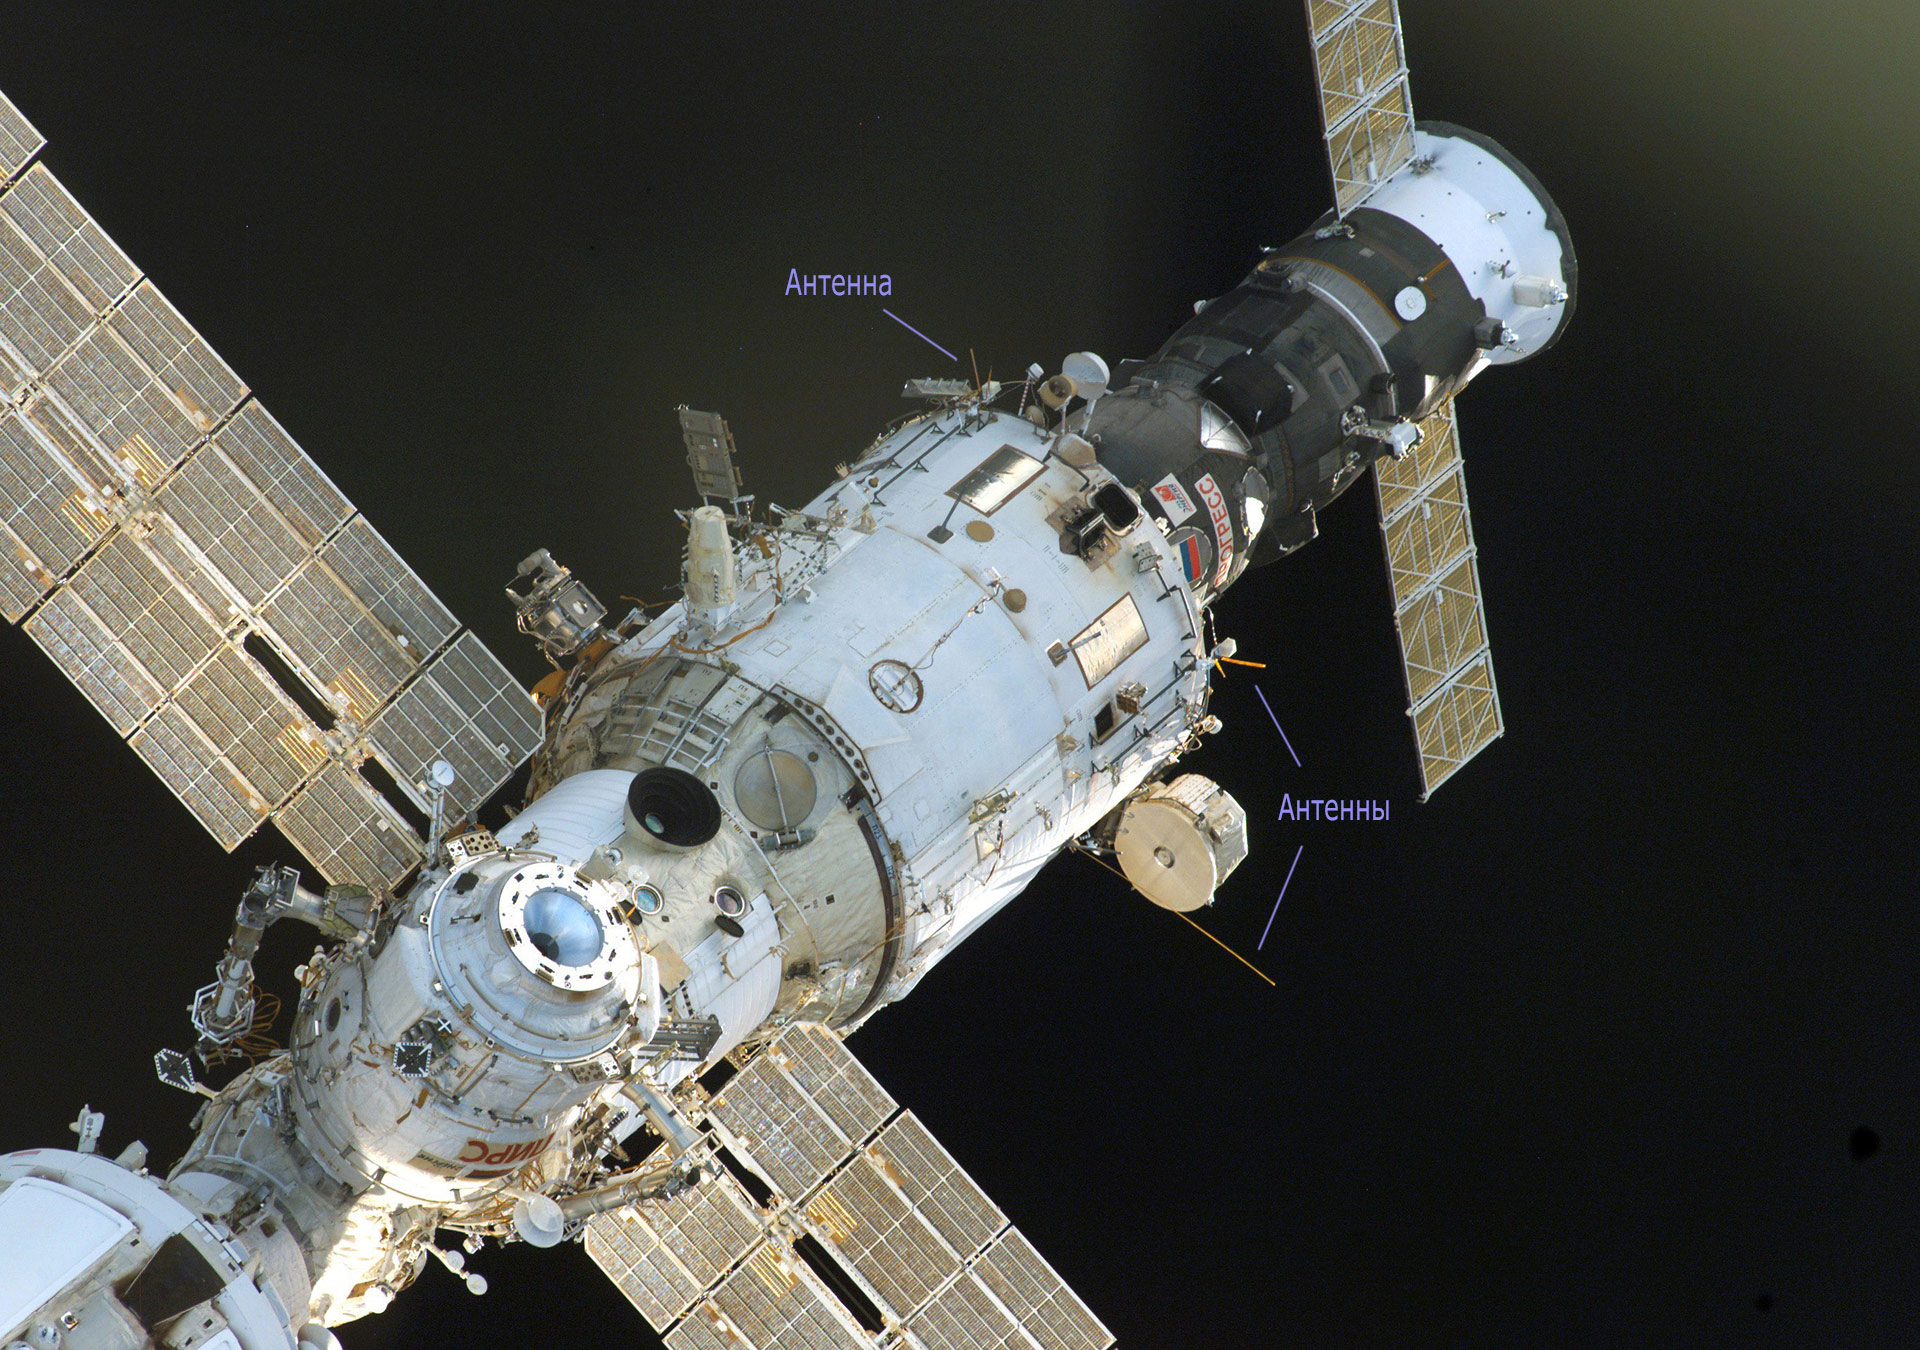 Антенны на МКС